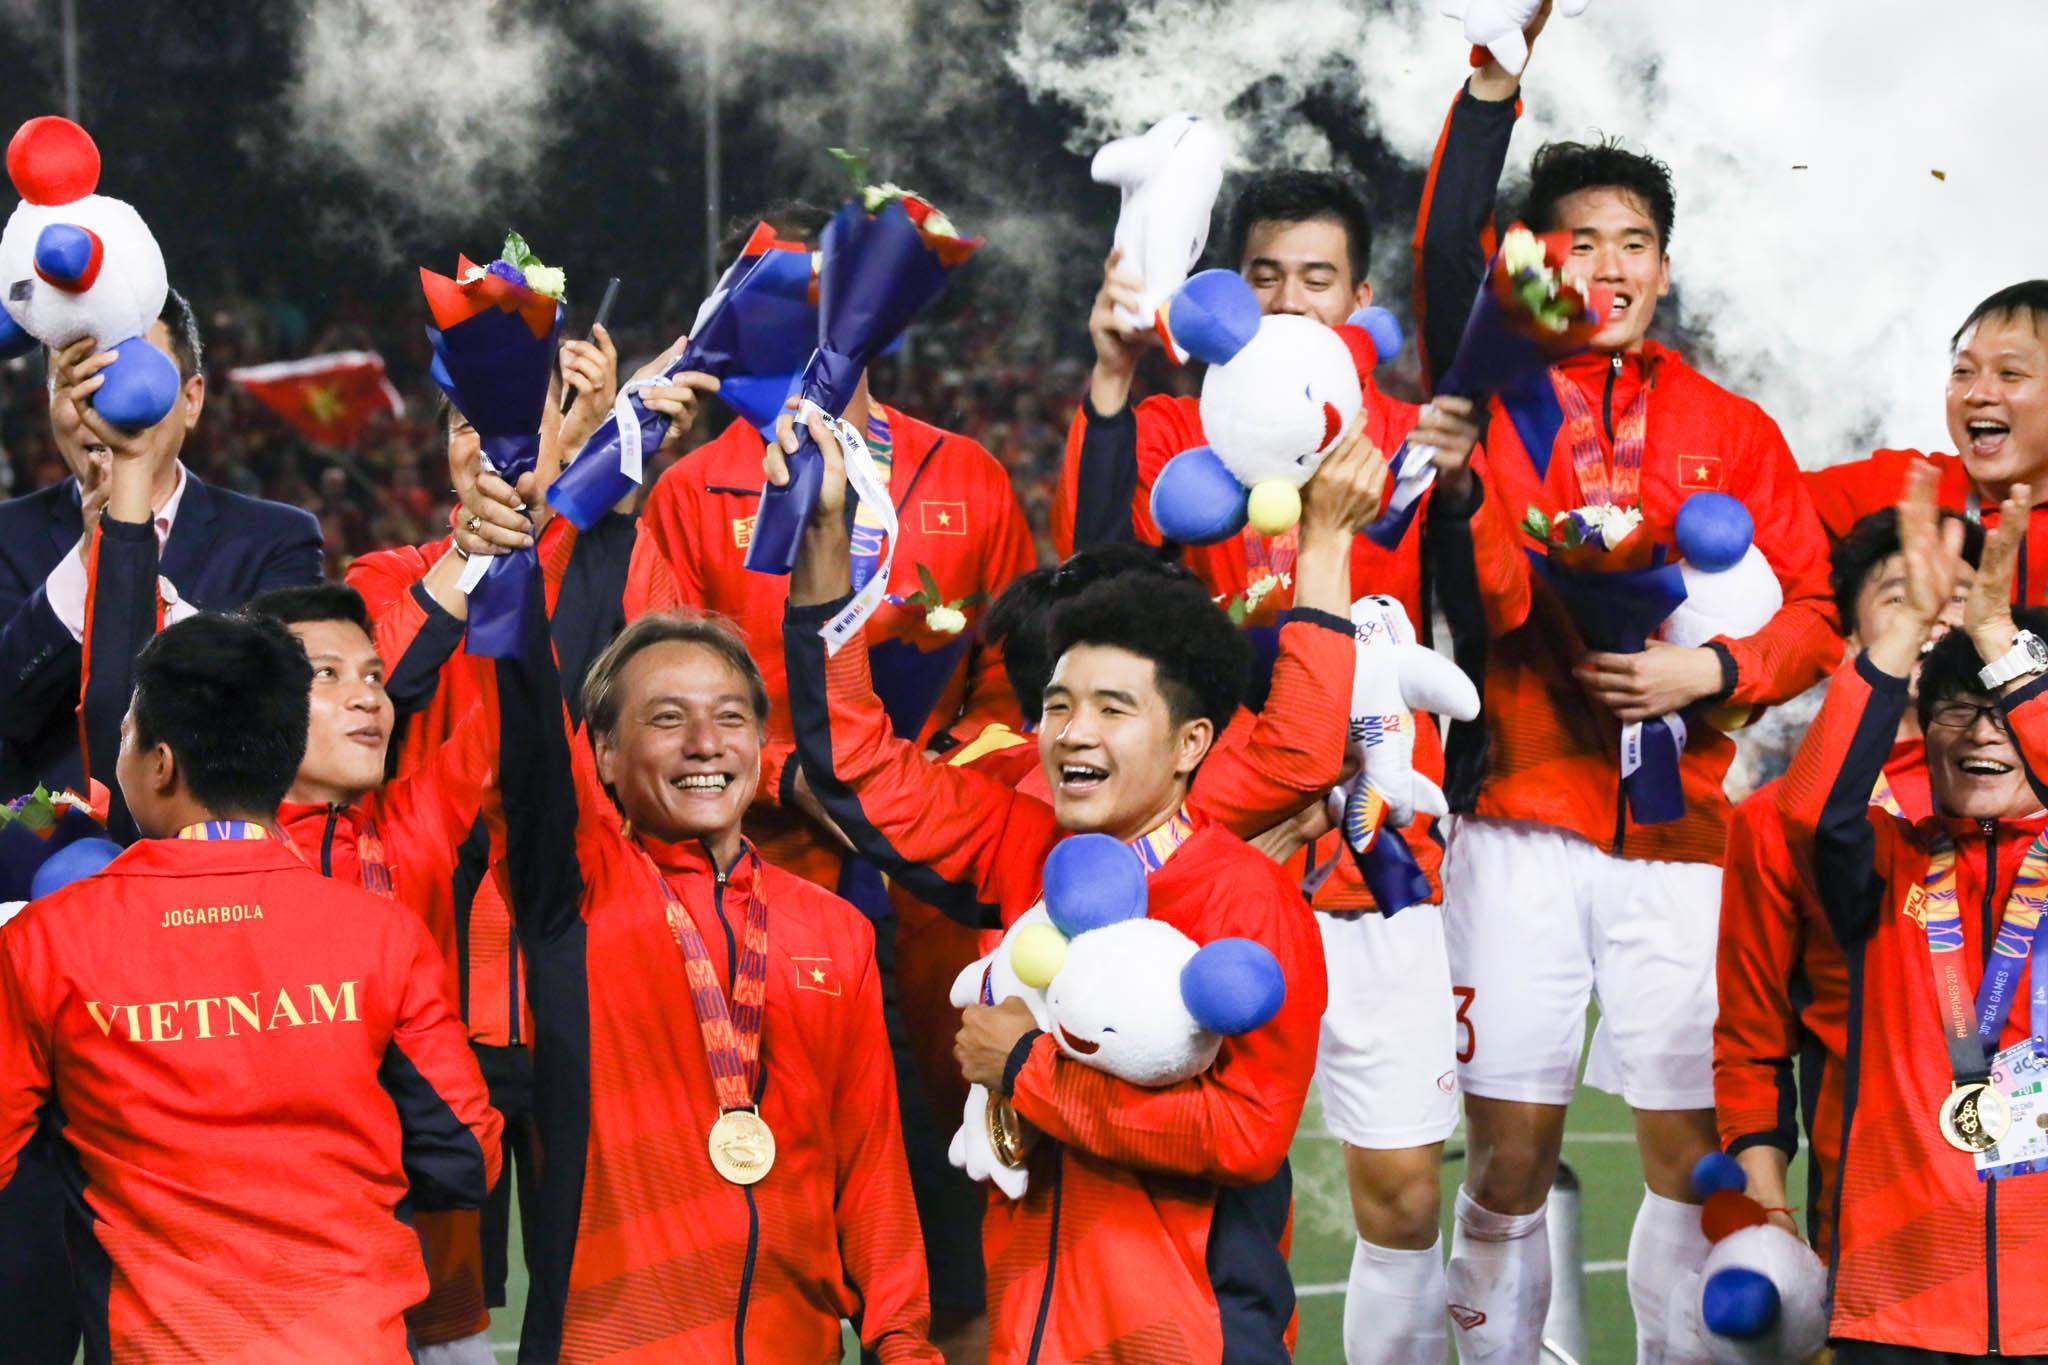 Kỳ Sea Games lịch sử: Việt Nam lần đầu tiên vượt Thái Lan ở quá nhiều khía cạnh